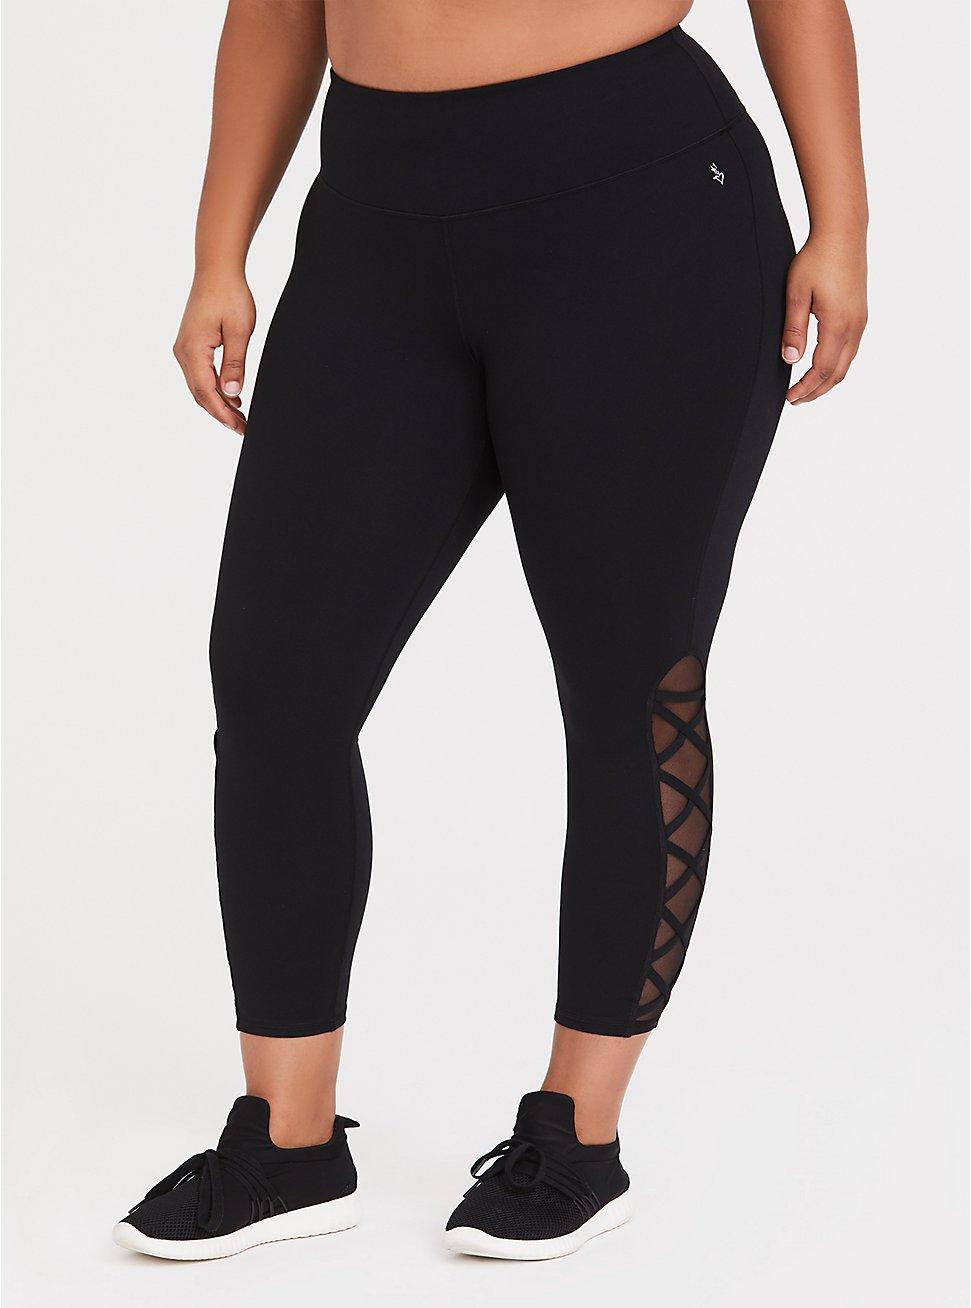 Black Lattice Crop Wicking Active Legging, BLACK, hi-res